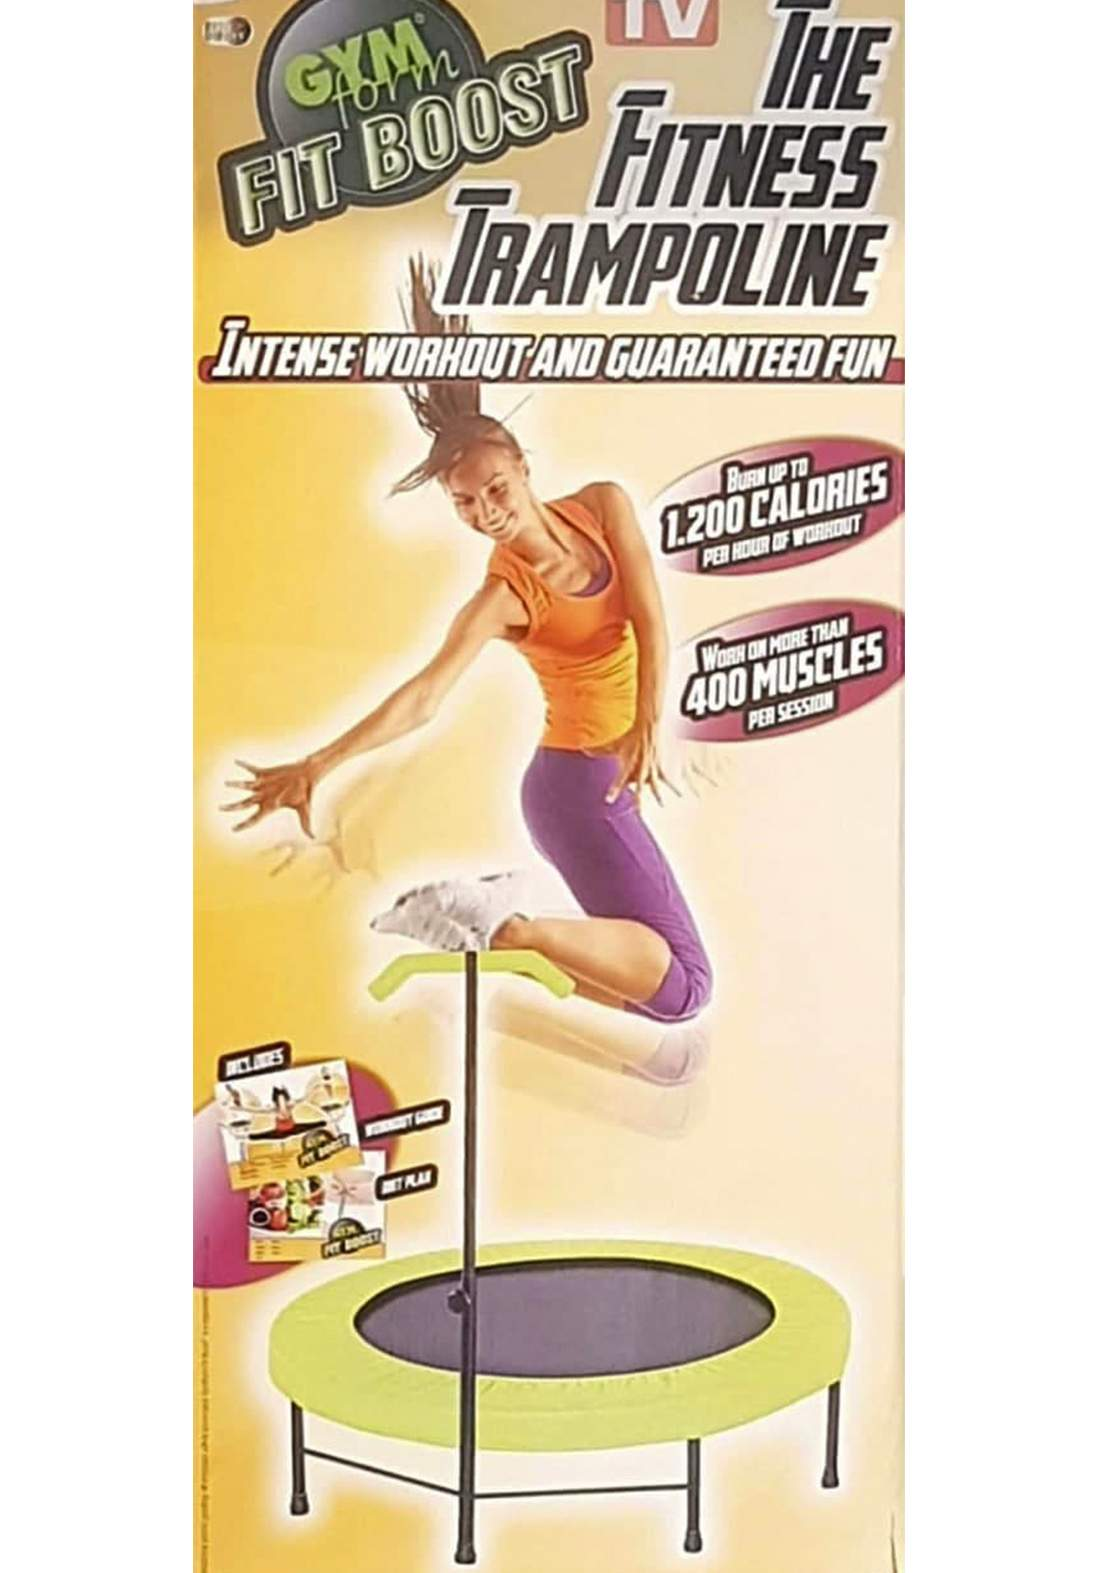 Trampolina Fitness لعبة القفز للرياضة